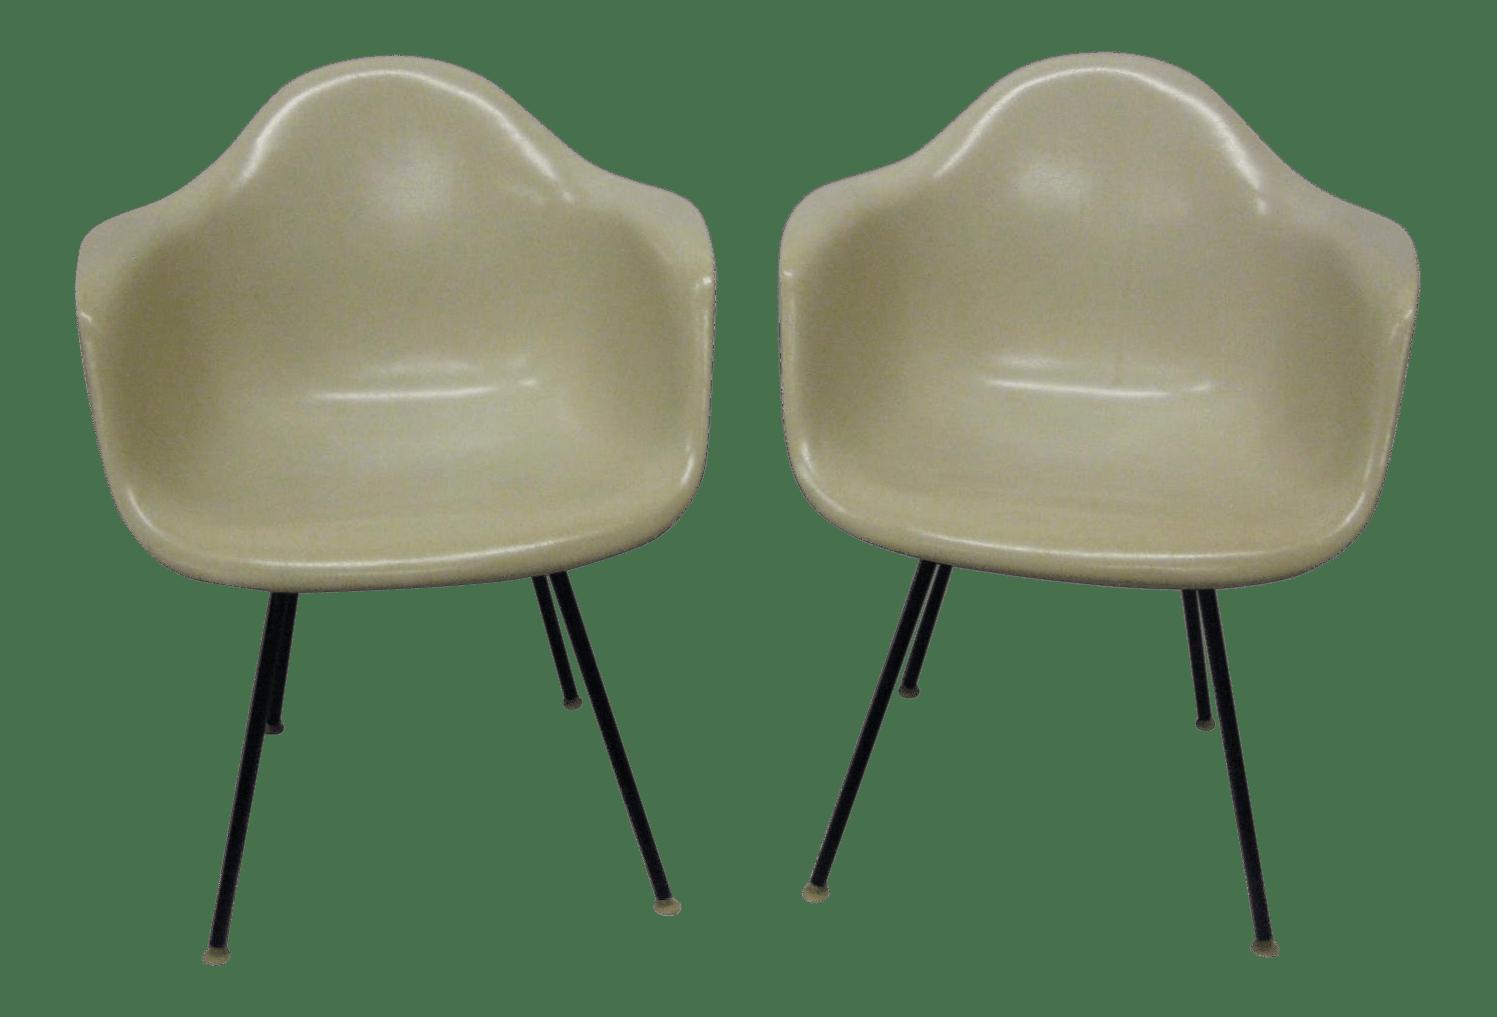 eames arm chair antique chairs ebay 1957 mid century modern a pair chairish